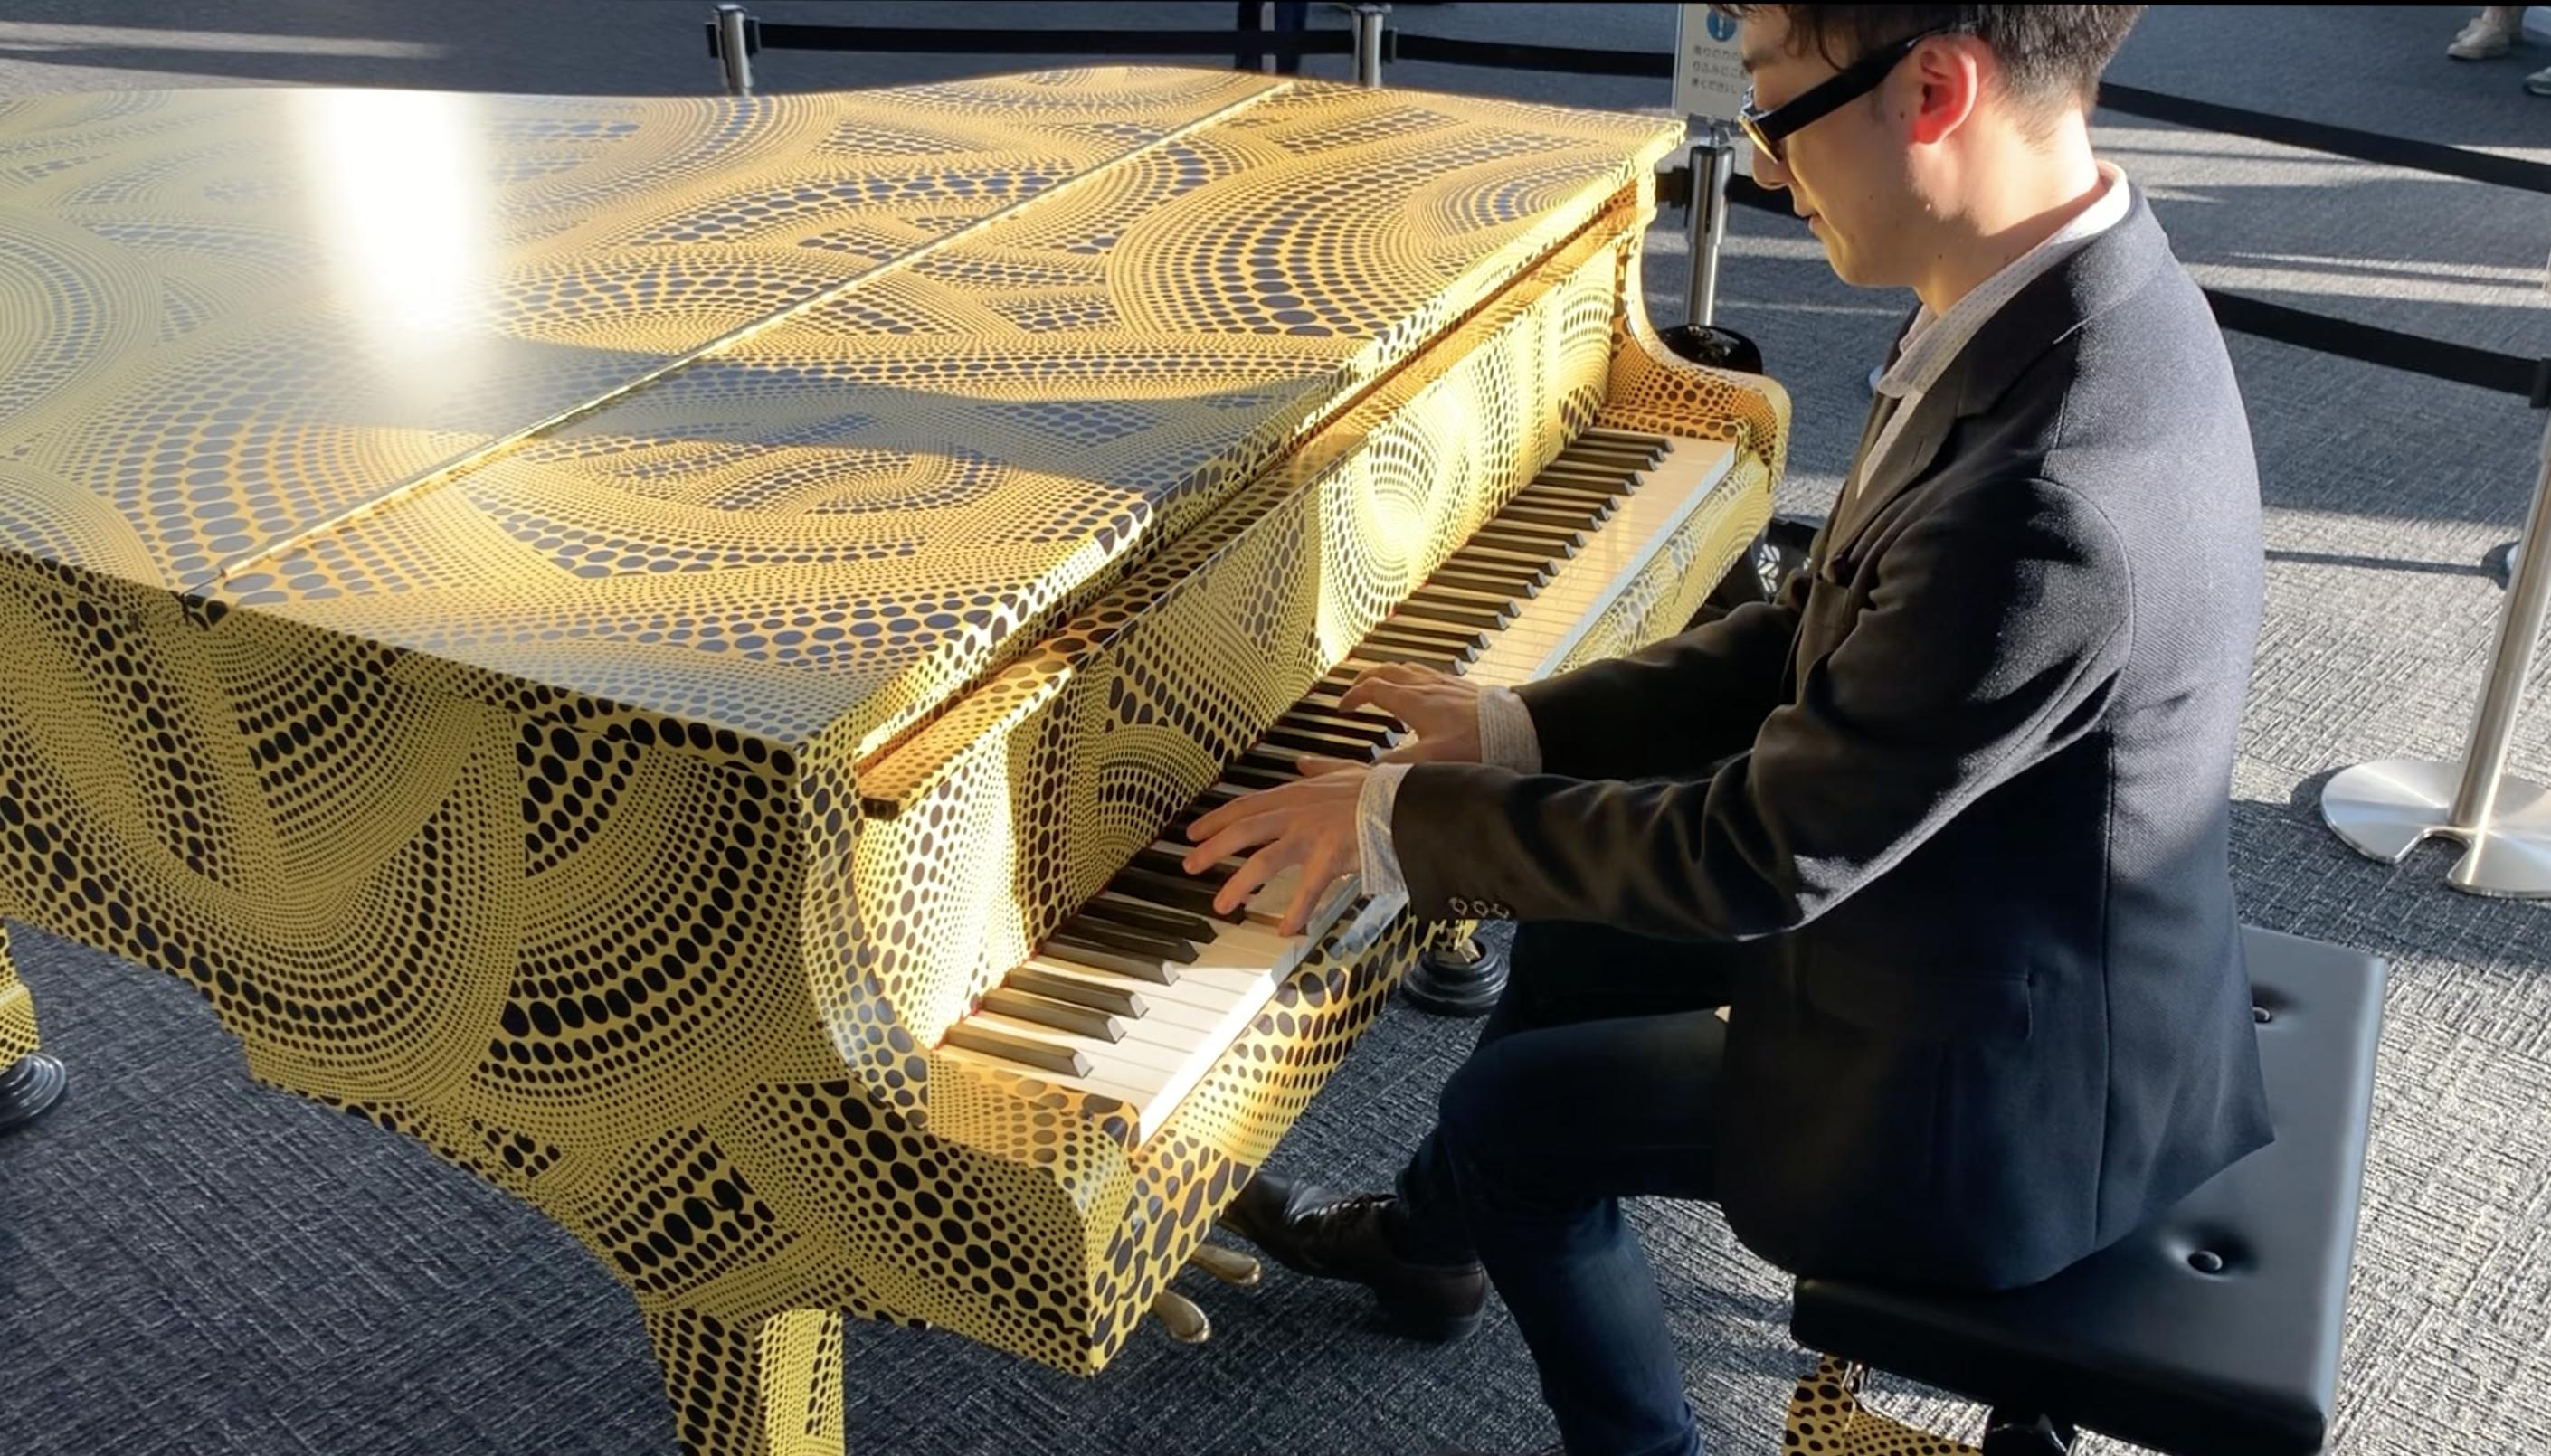 【都庁ピアノ感想】よみぃさんと行って以来、半年ぶりに弾いた結果!